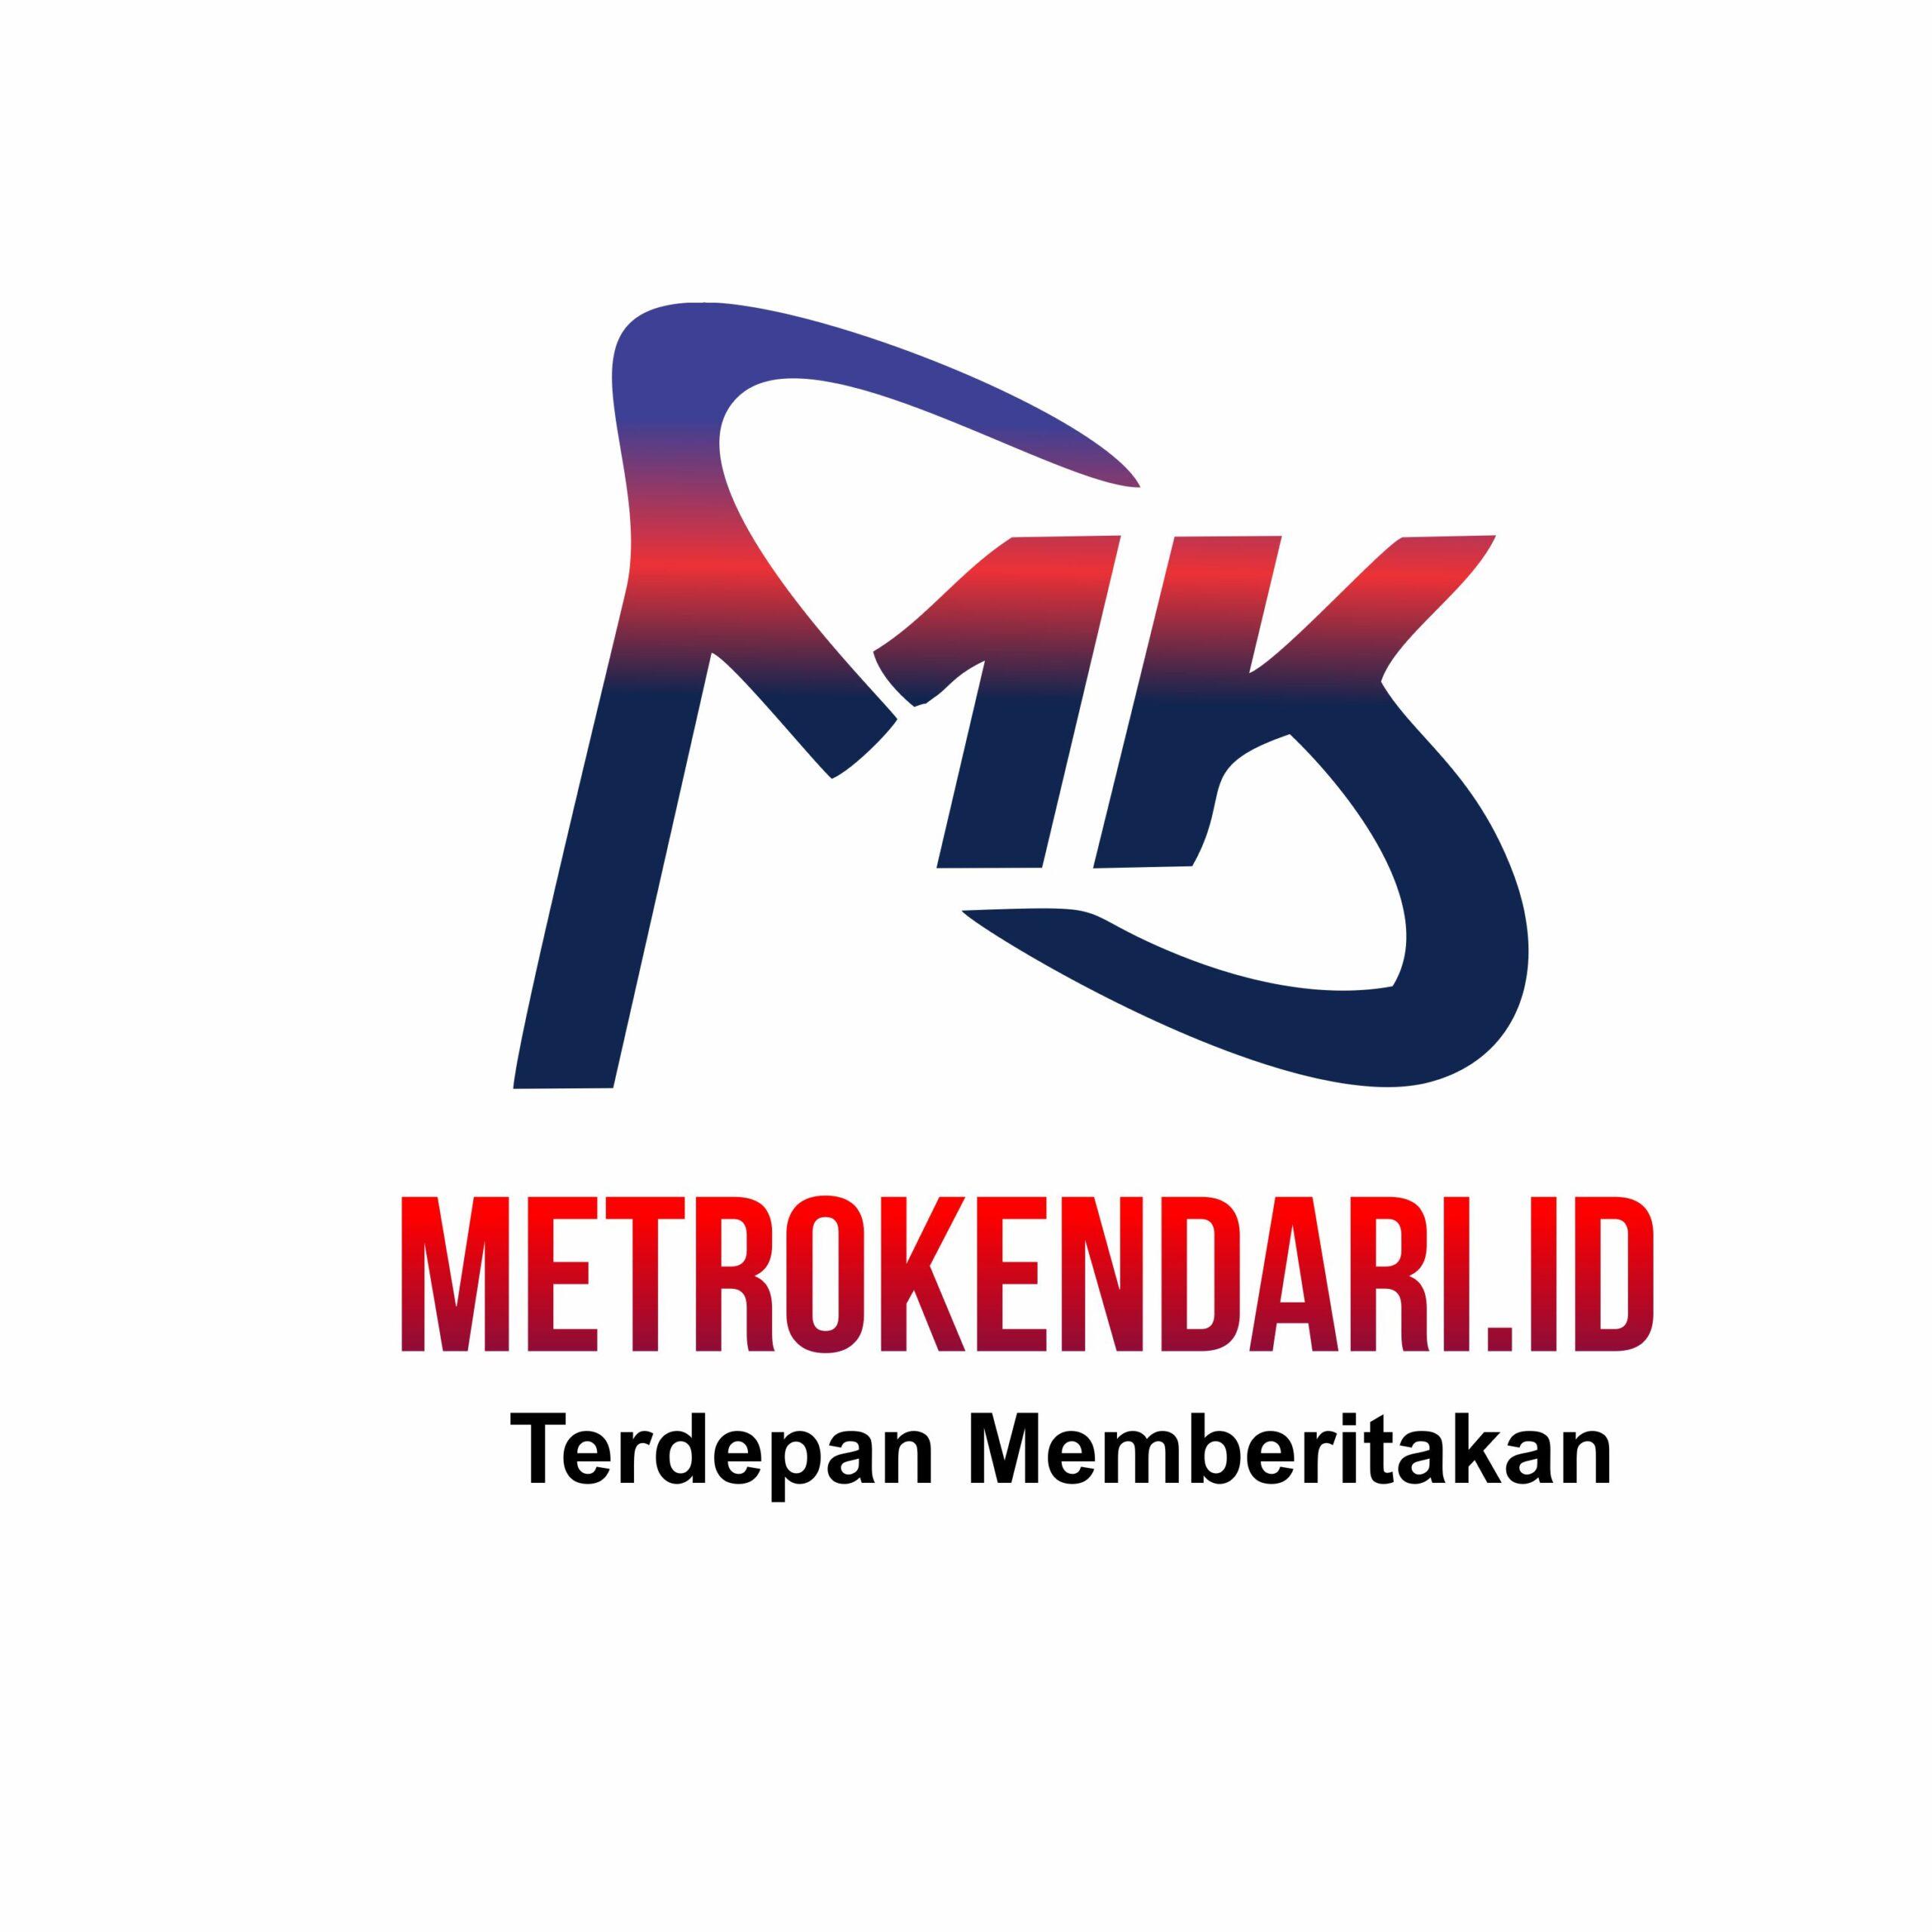 MetroKendari